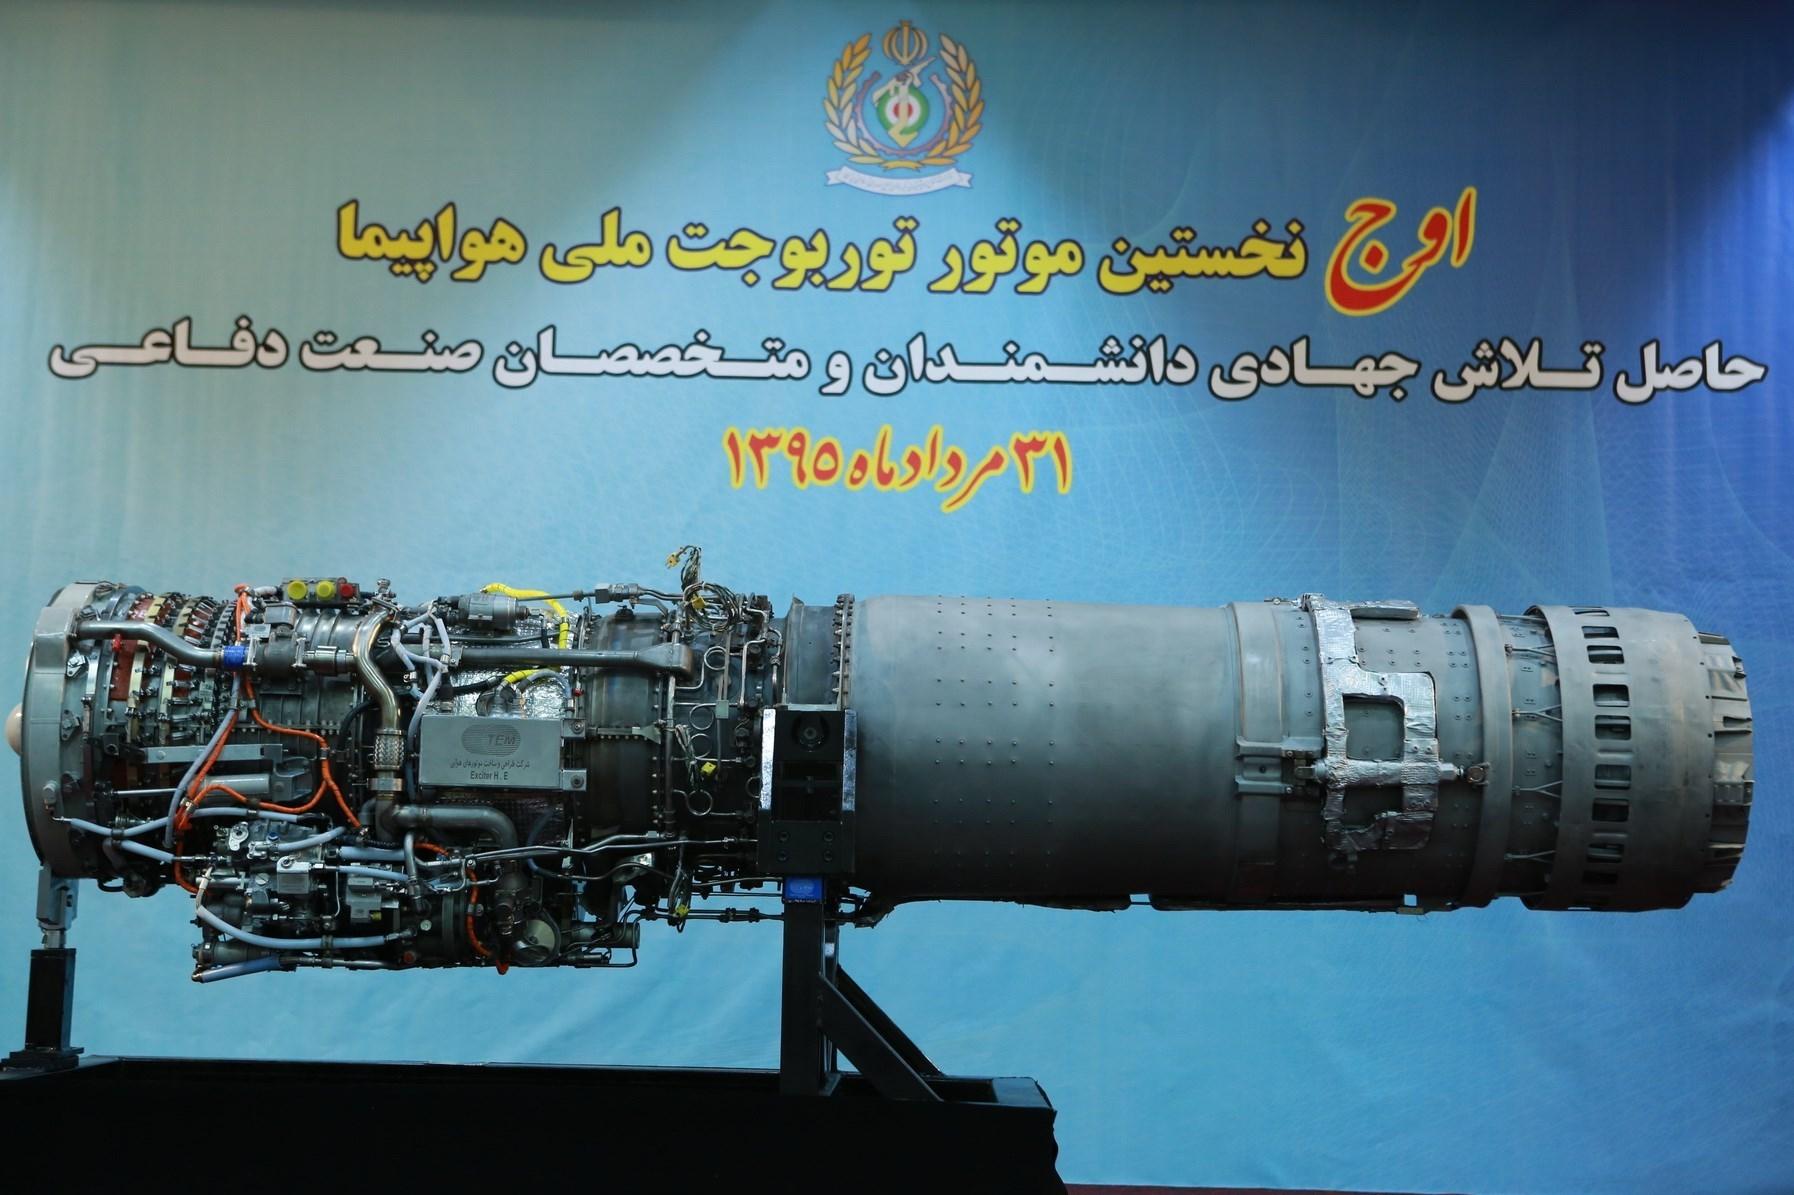 اولین موتور بومی توربوجت ایرانی